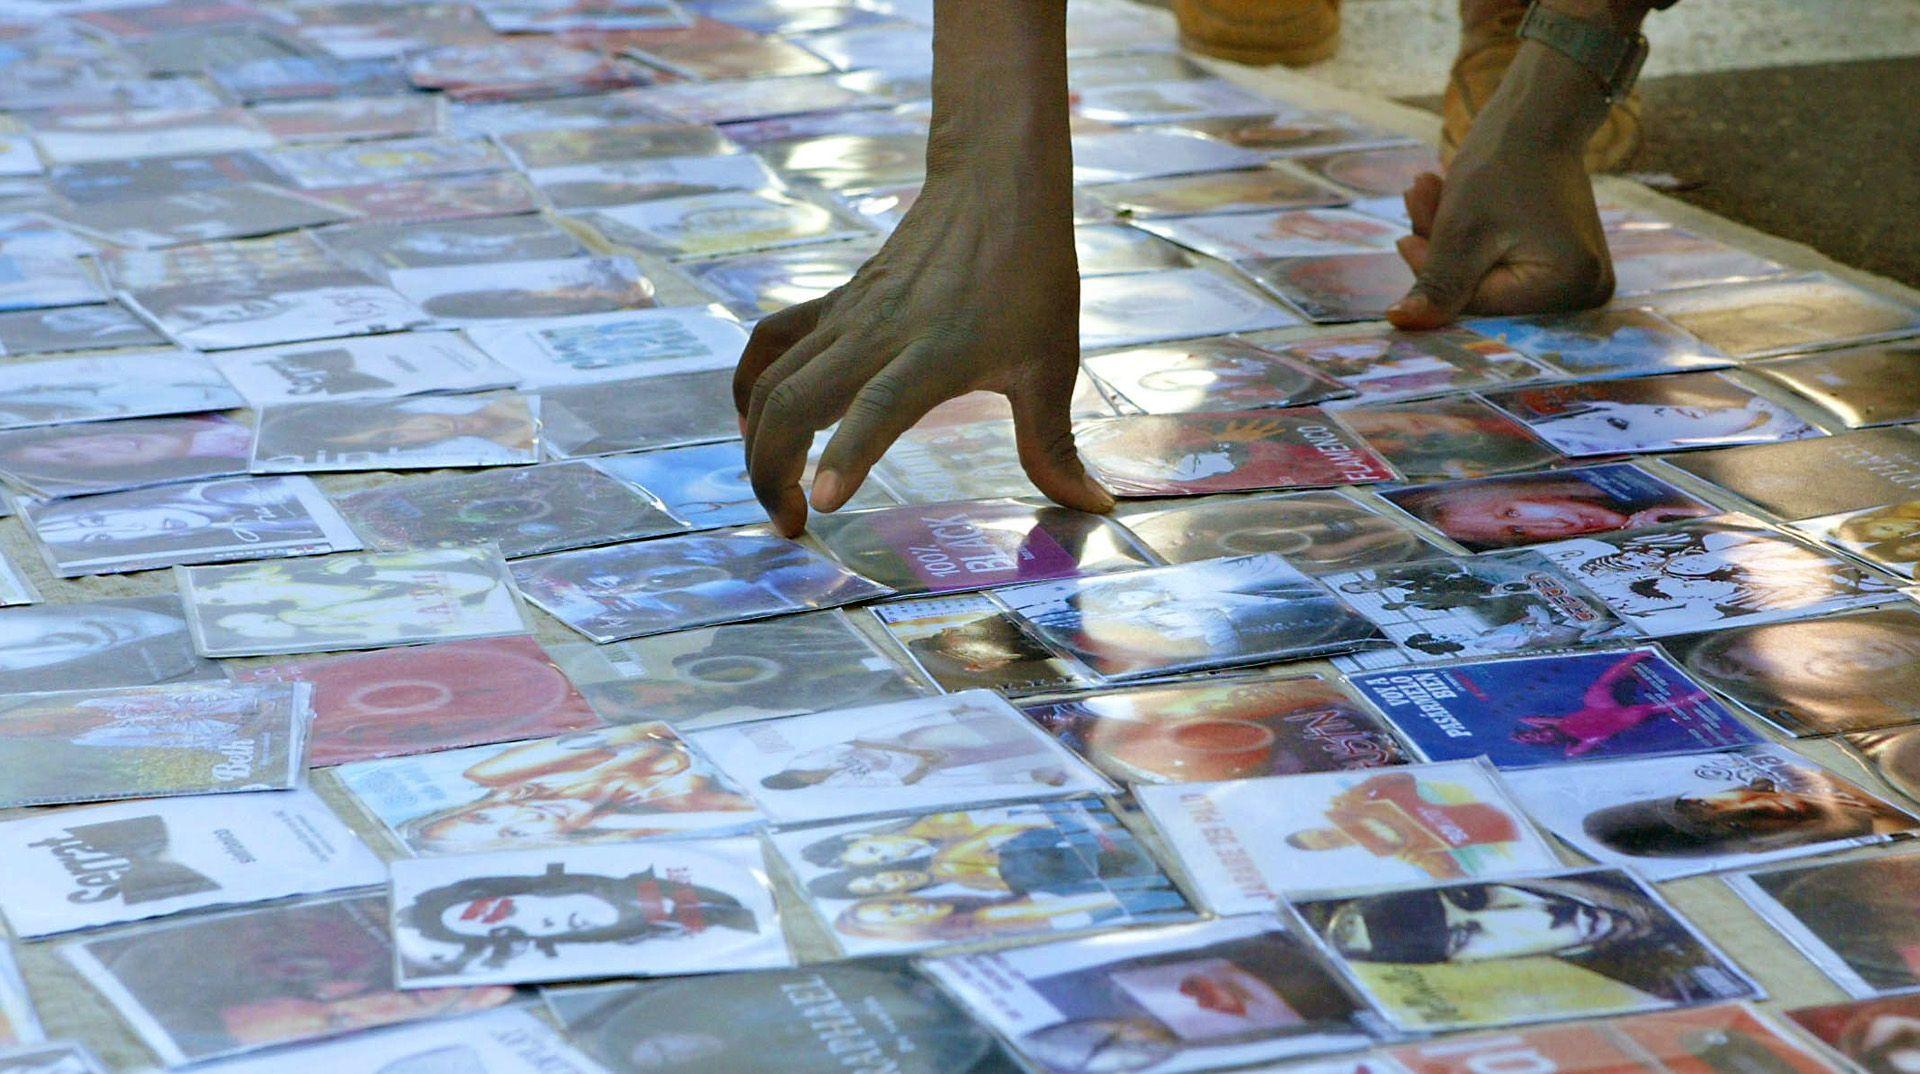 dvds falsificados